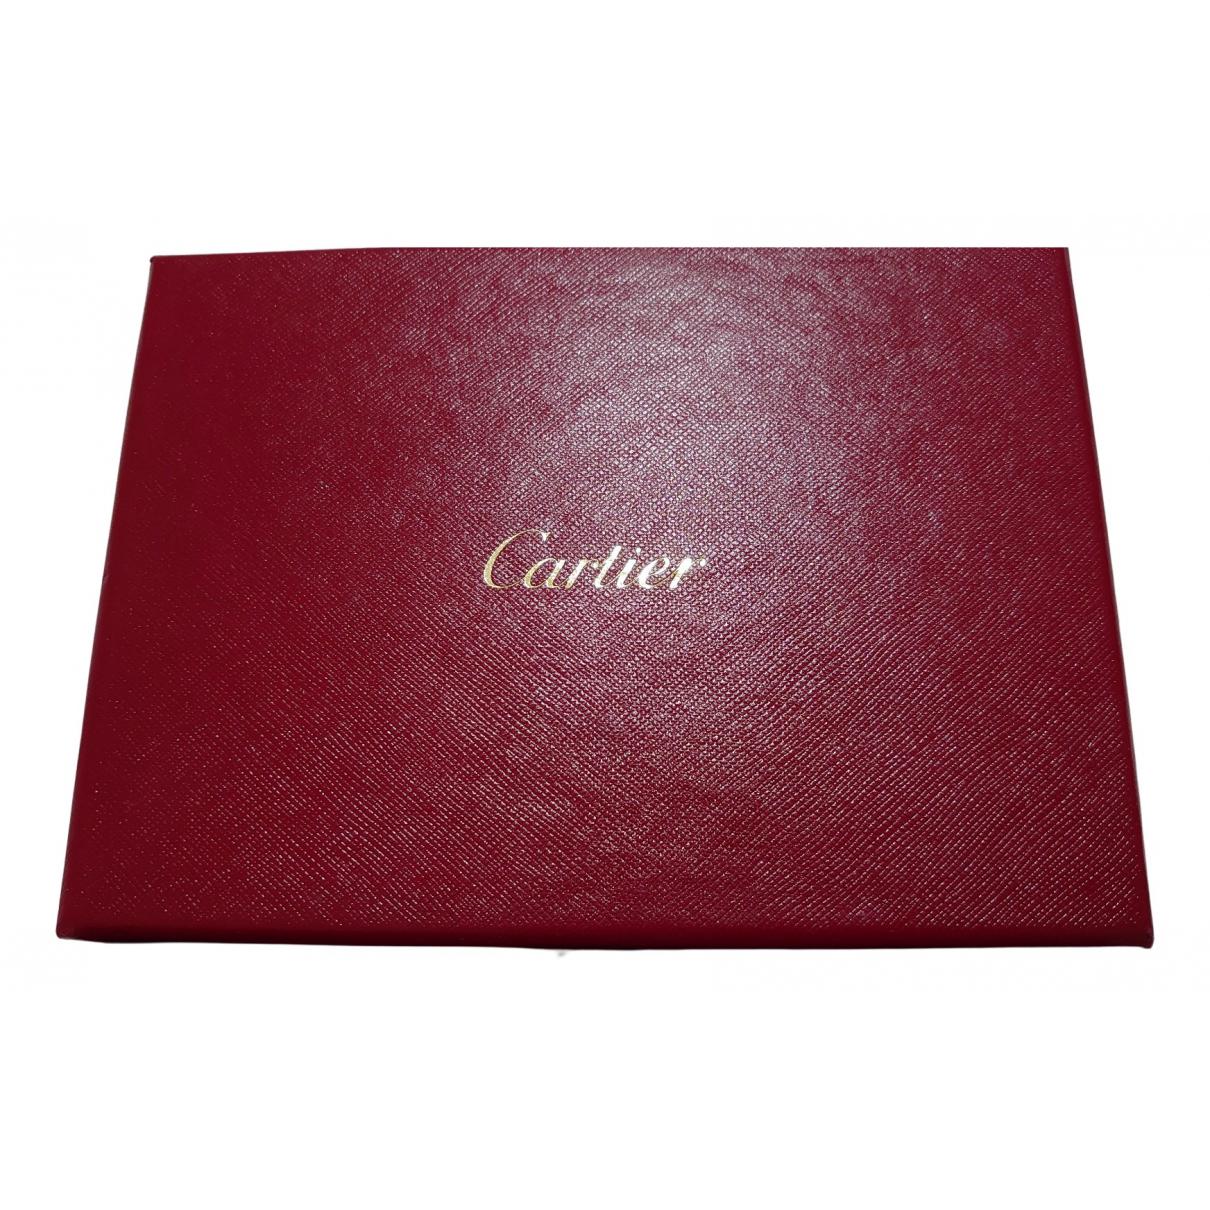 Objeto de decoracion de Cuero Cartier